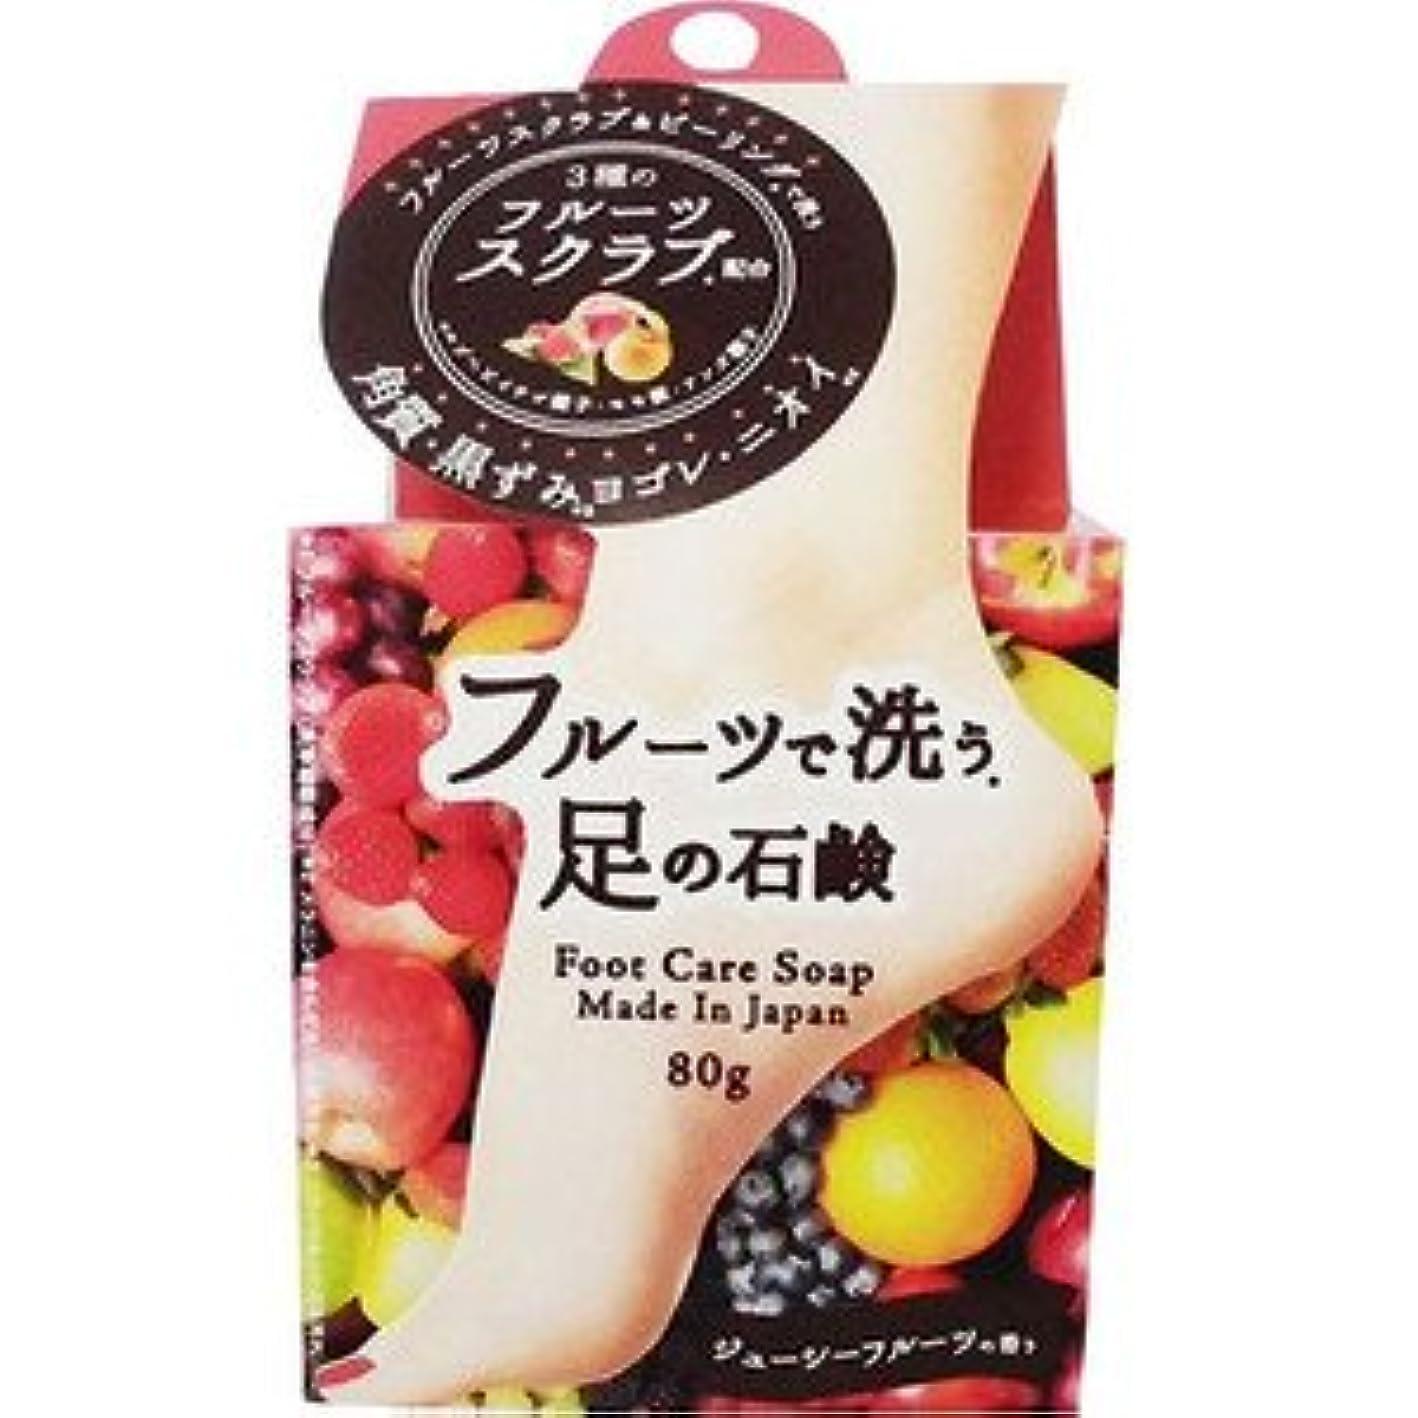 地平線故国幾分(ペリカン石鹸)フルーツで洗う足の石鹸 ジューシーフルーツの香り 80g